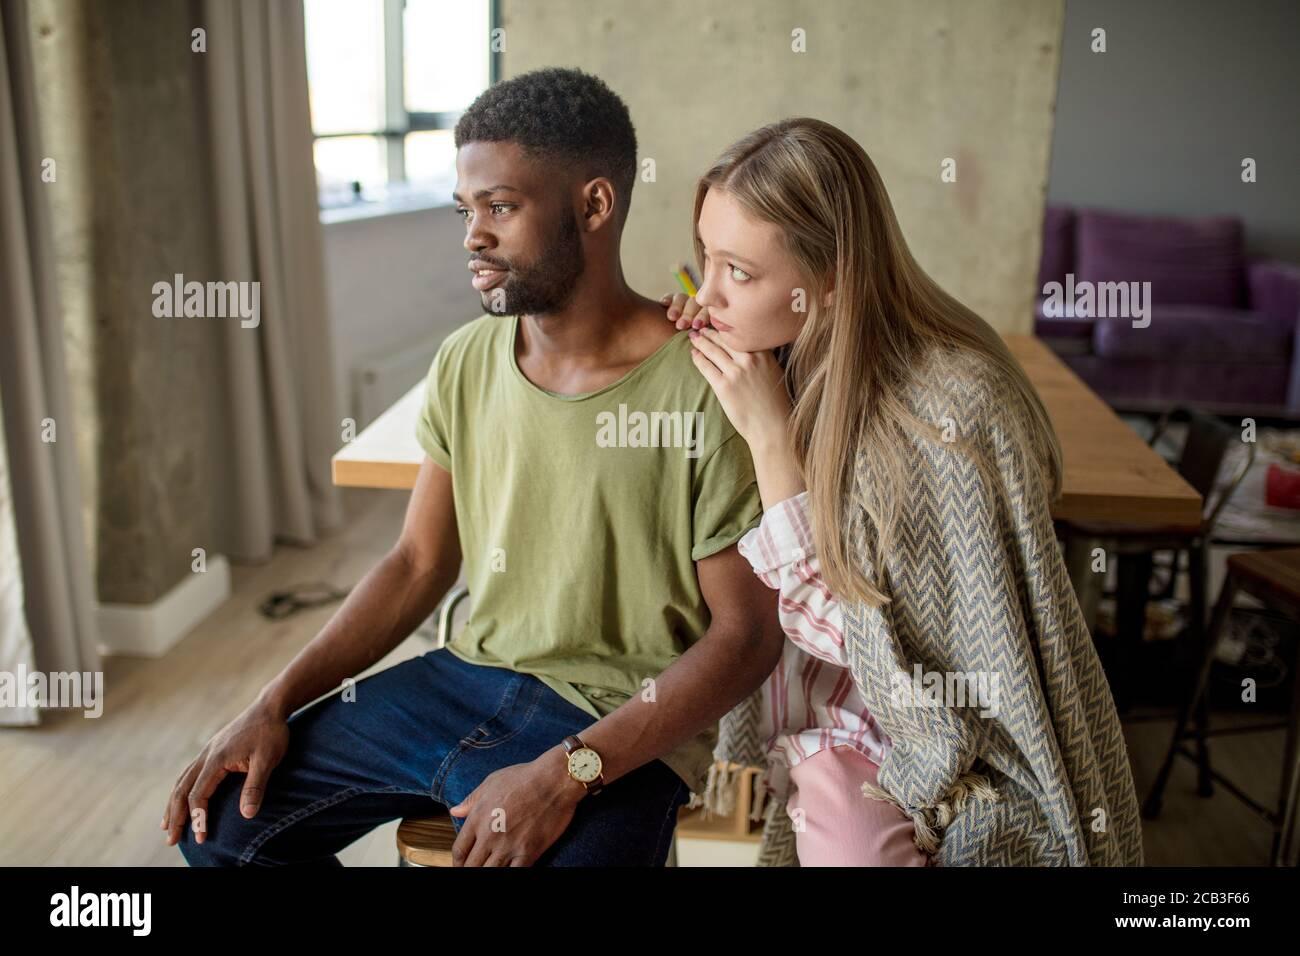 La femme blonde caucasienne consoles et soutient son ami hippster africain, qui a le regard sombre et frustré, le couple est assis dans la vie confortable Banque D'Images